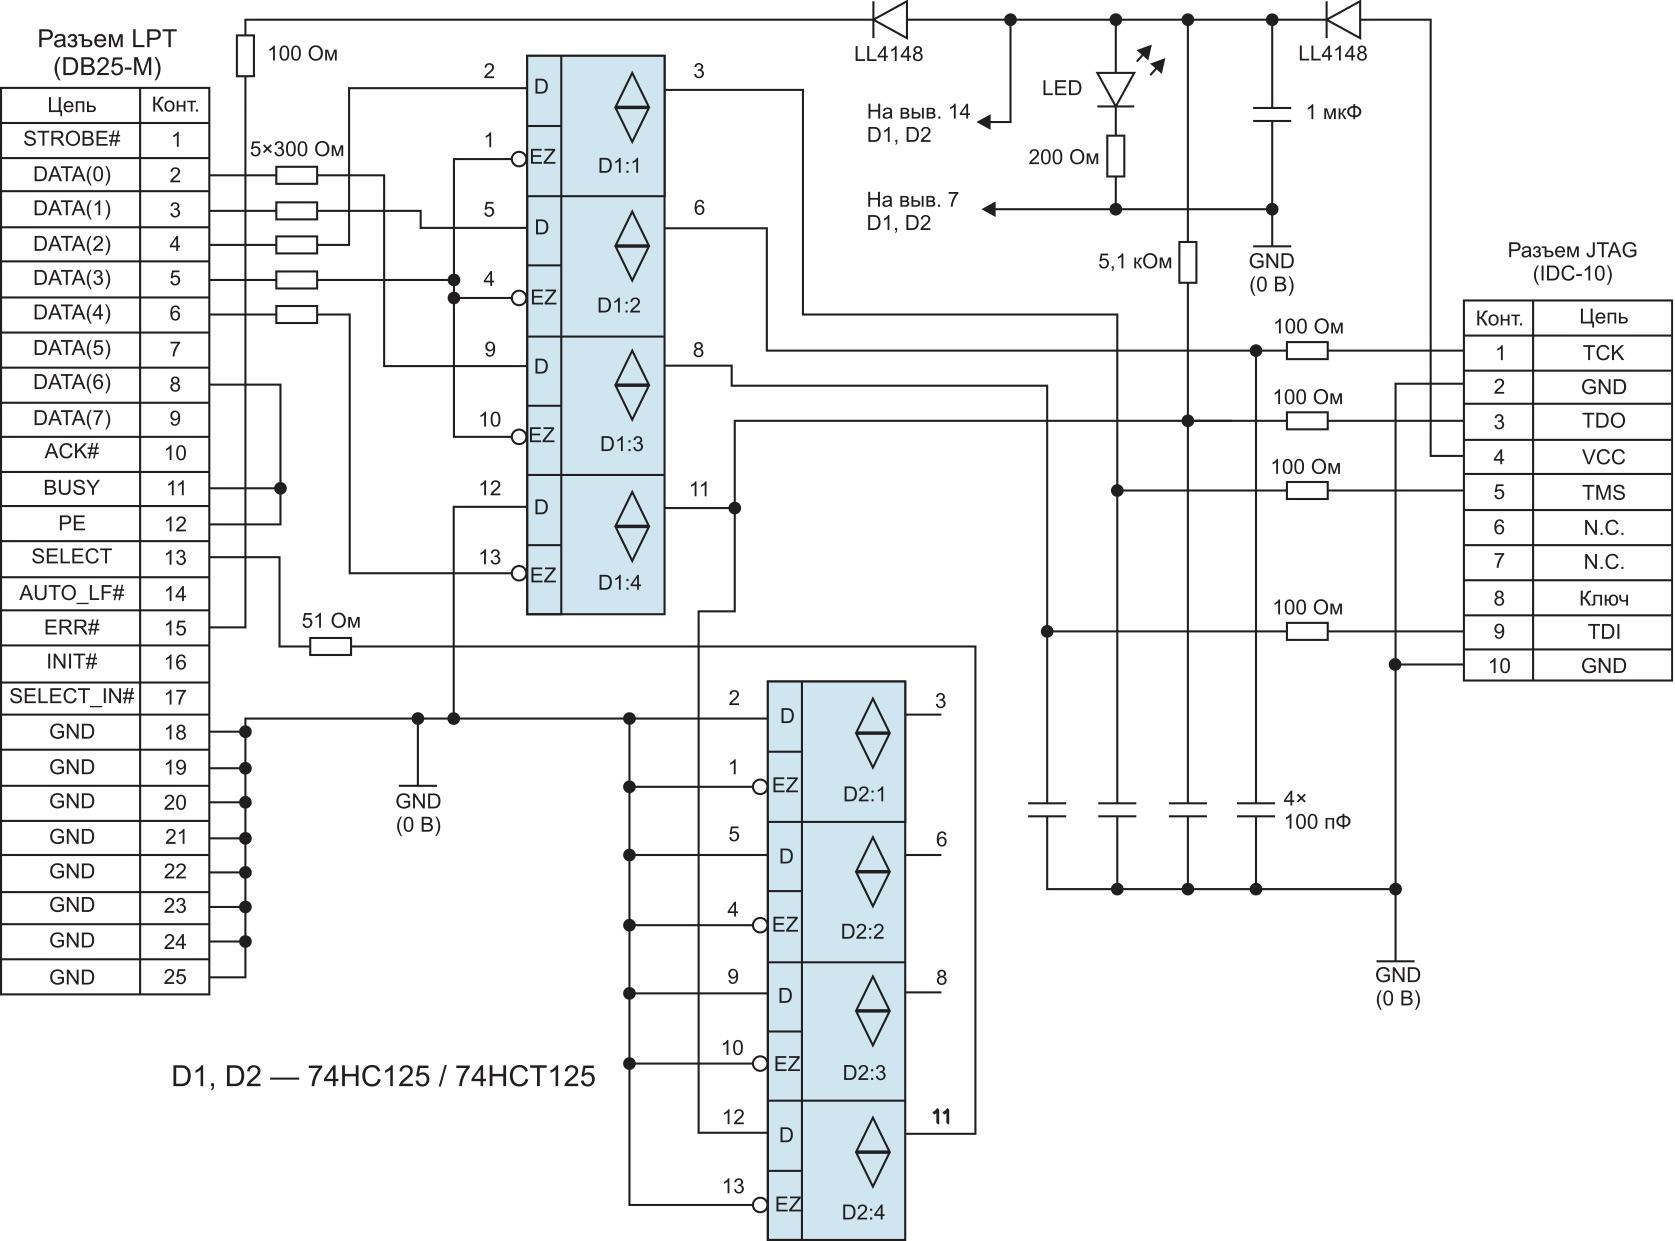 Принципиальная схема загрузочного кабеля для ПЛИС фирмы Xilinx